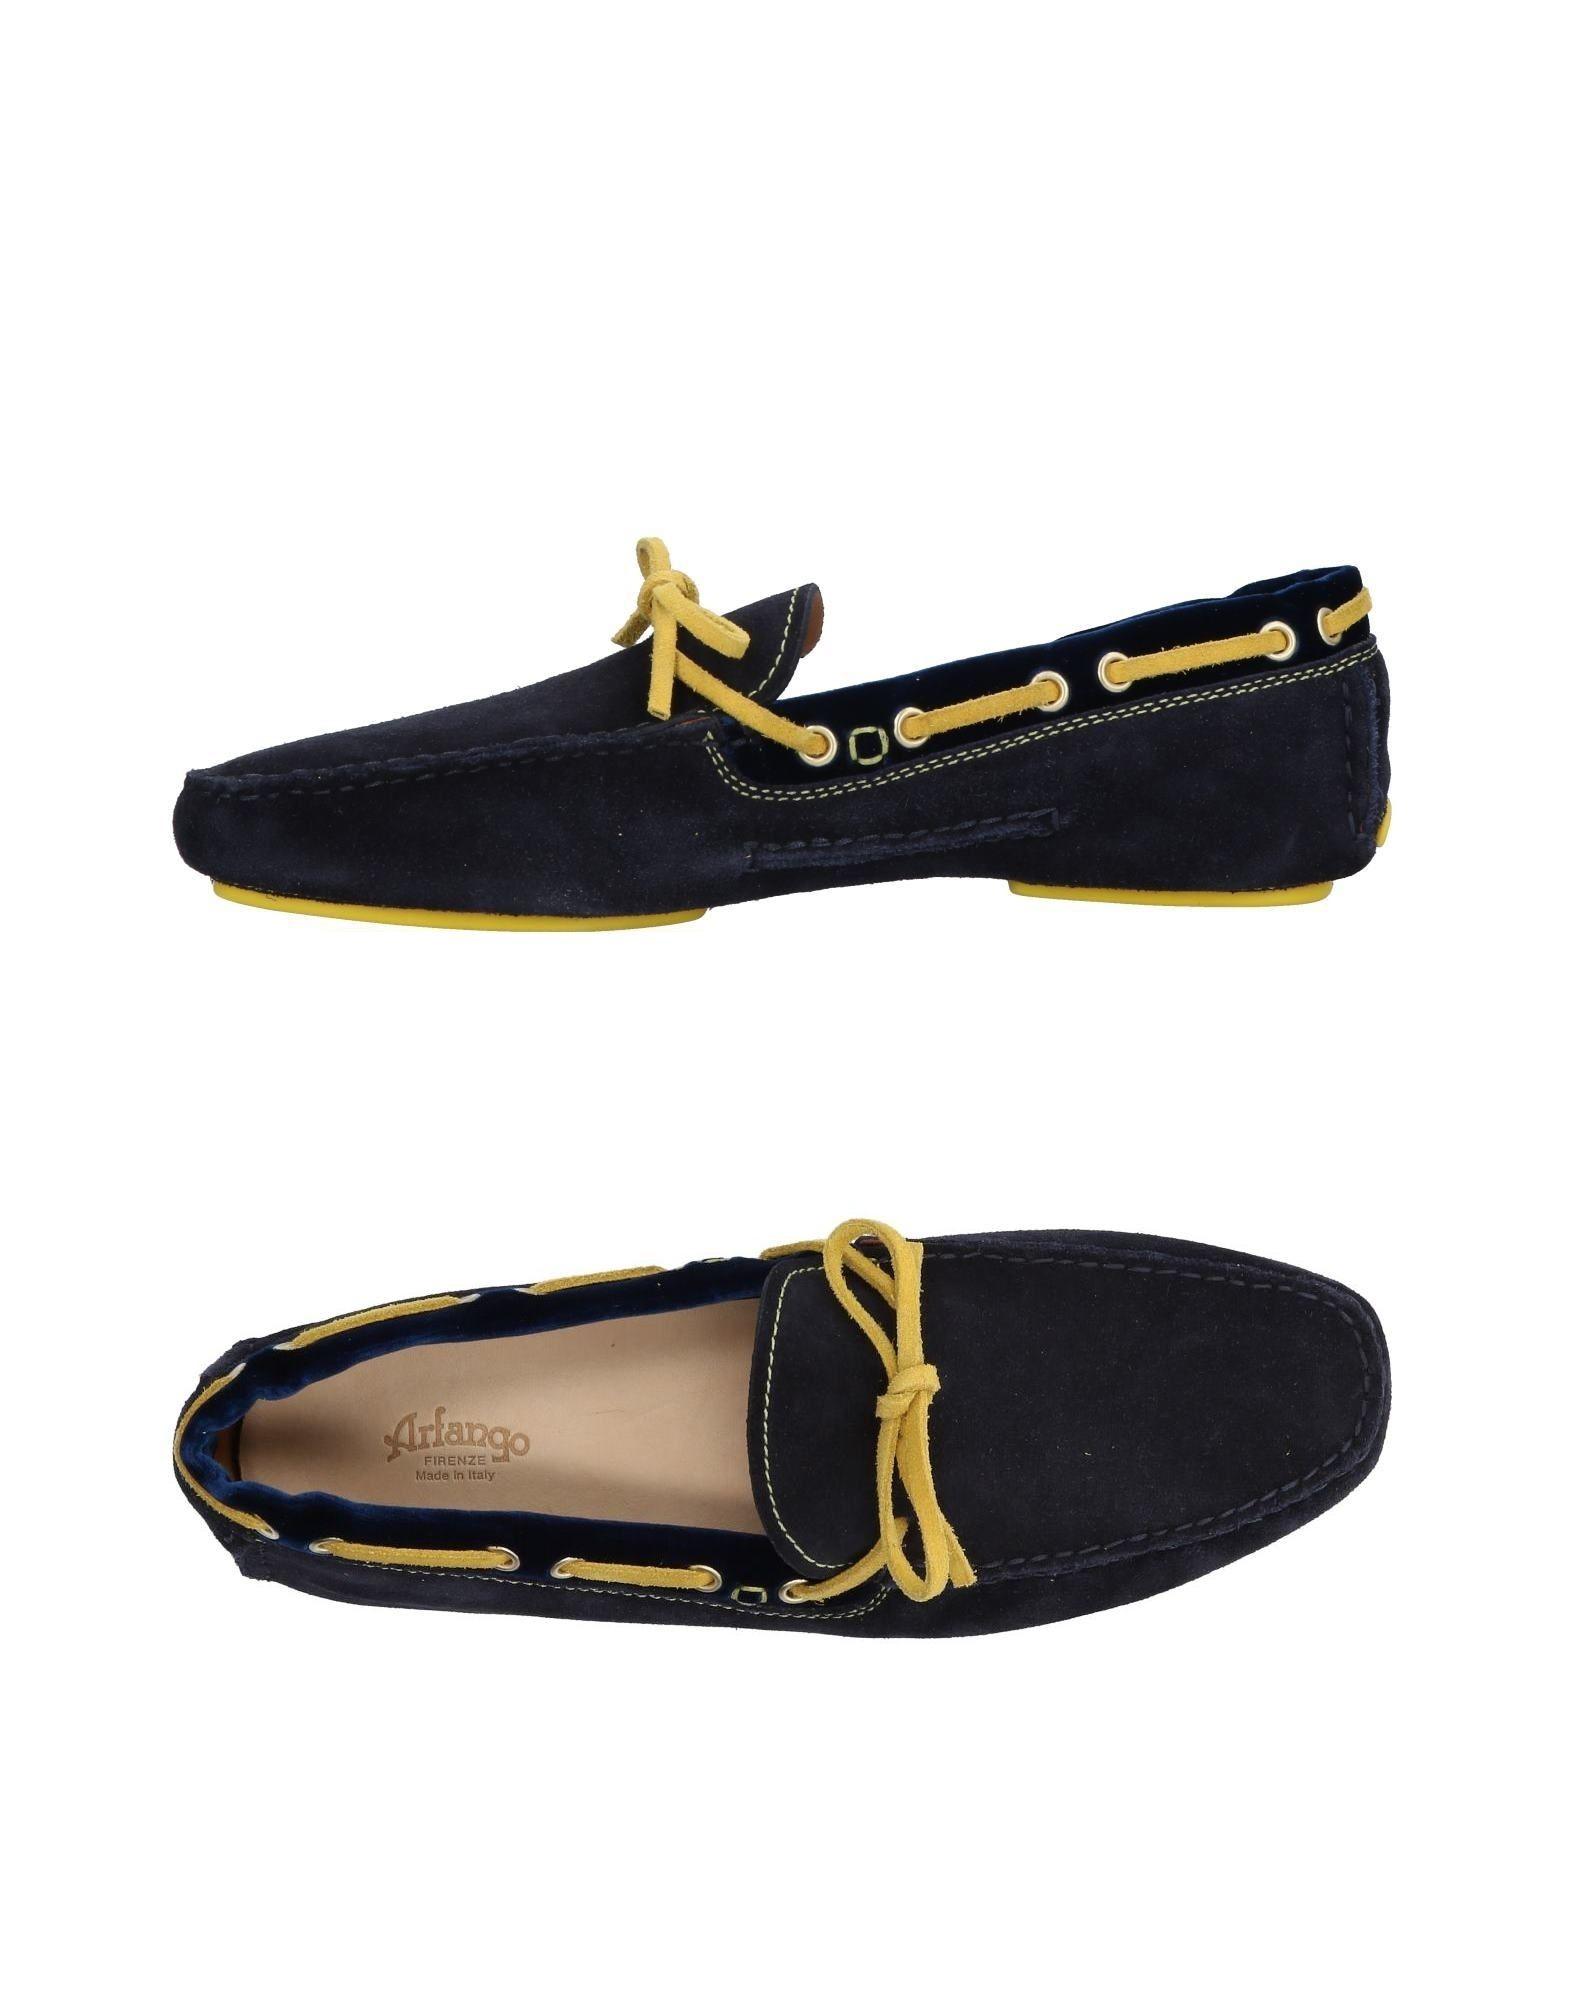 Arfango Heiße Mokassins Herren  11468349HI Heiße Arfango Schuhe 3a1c3d